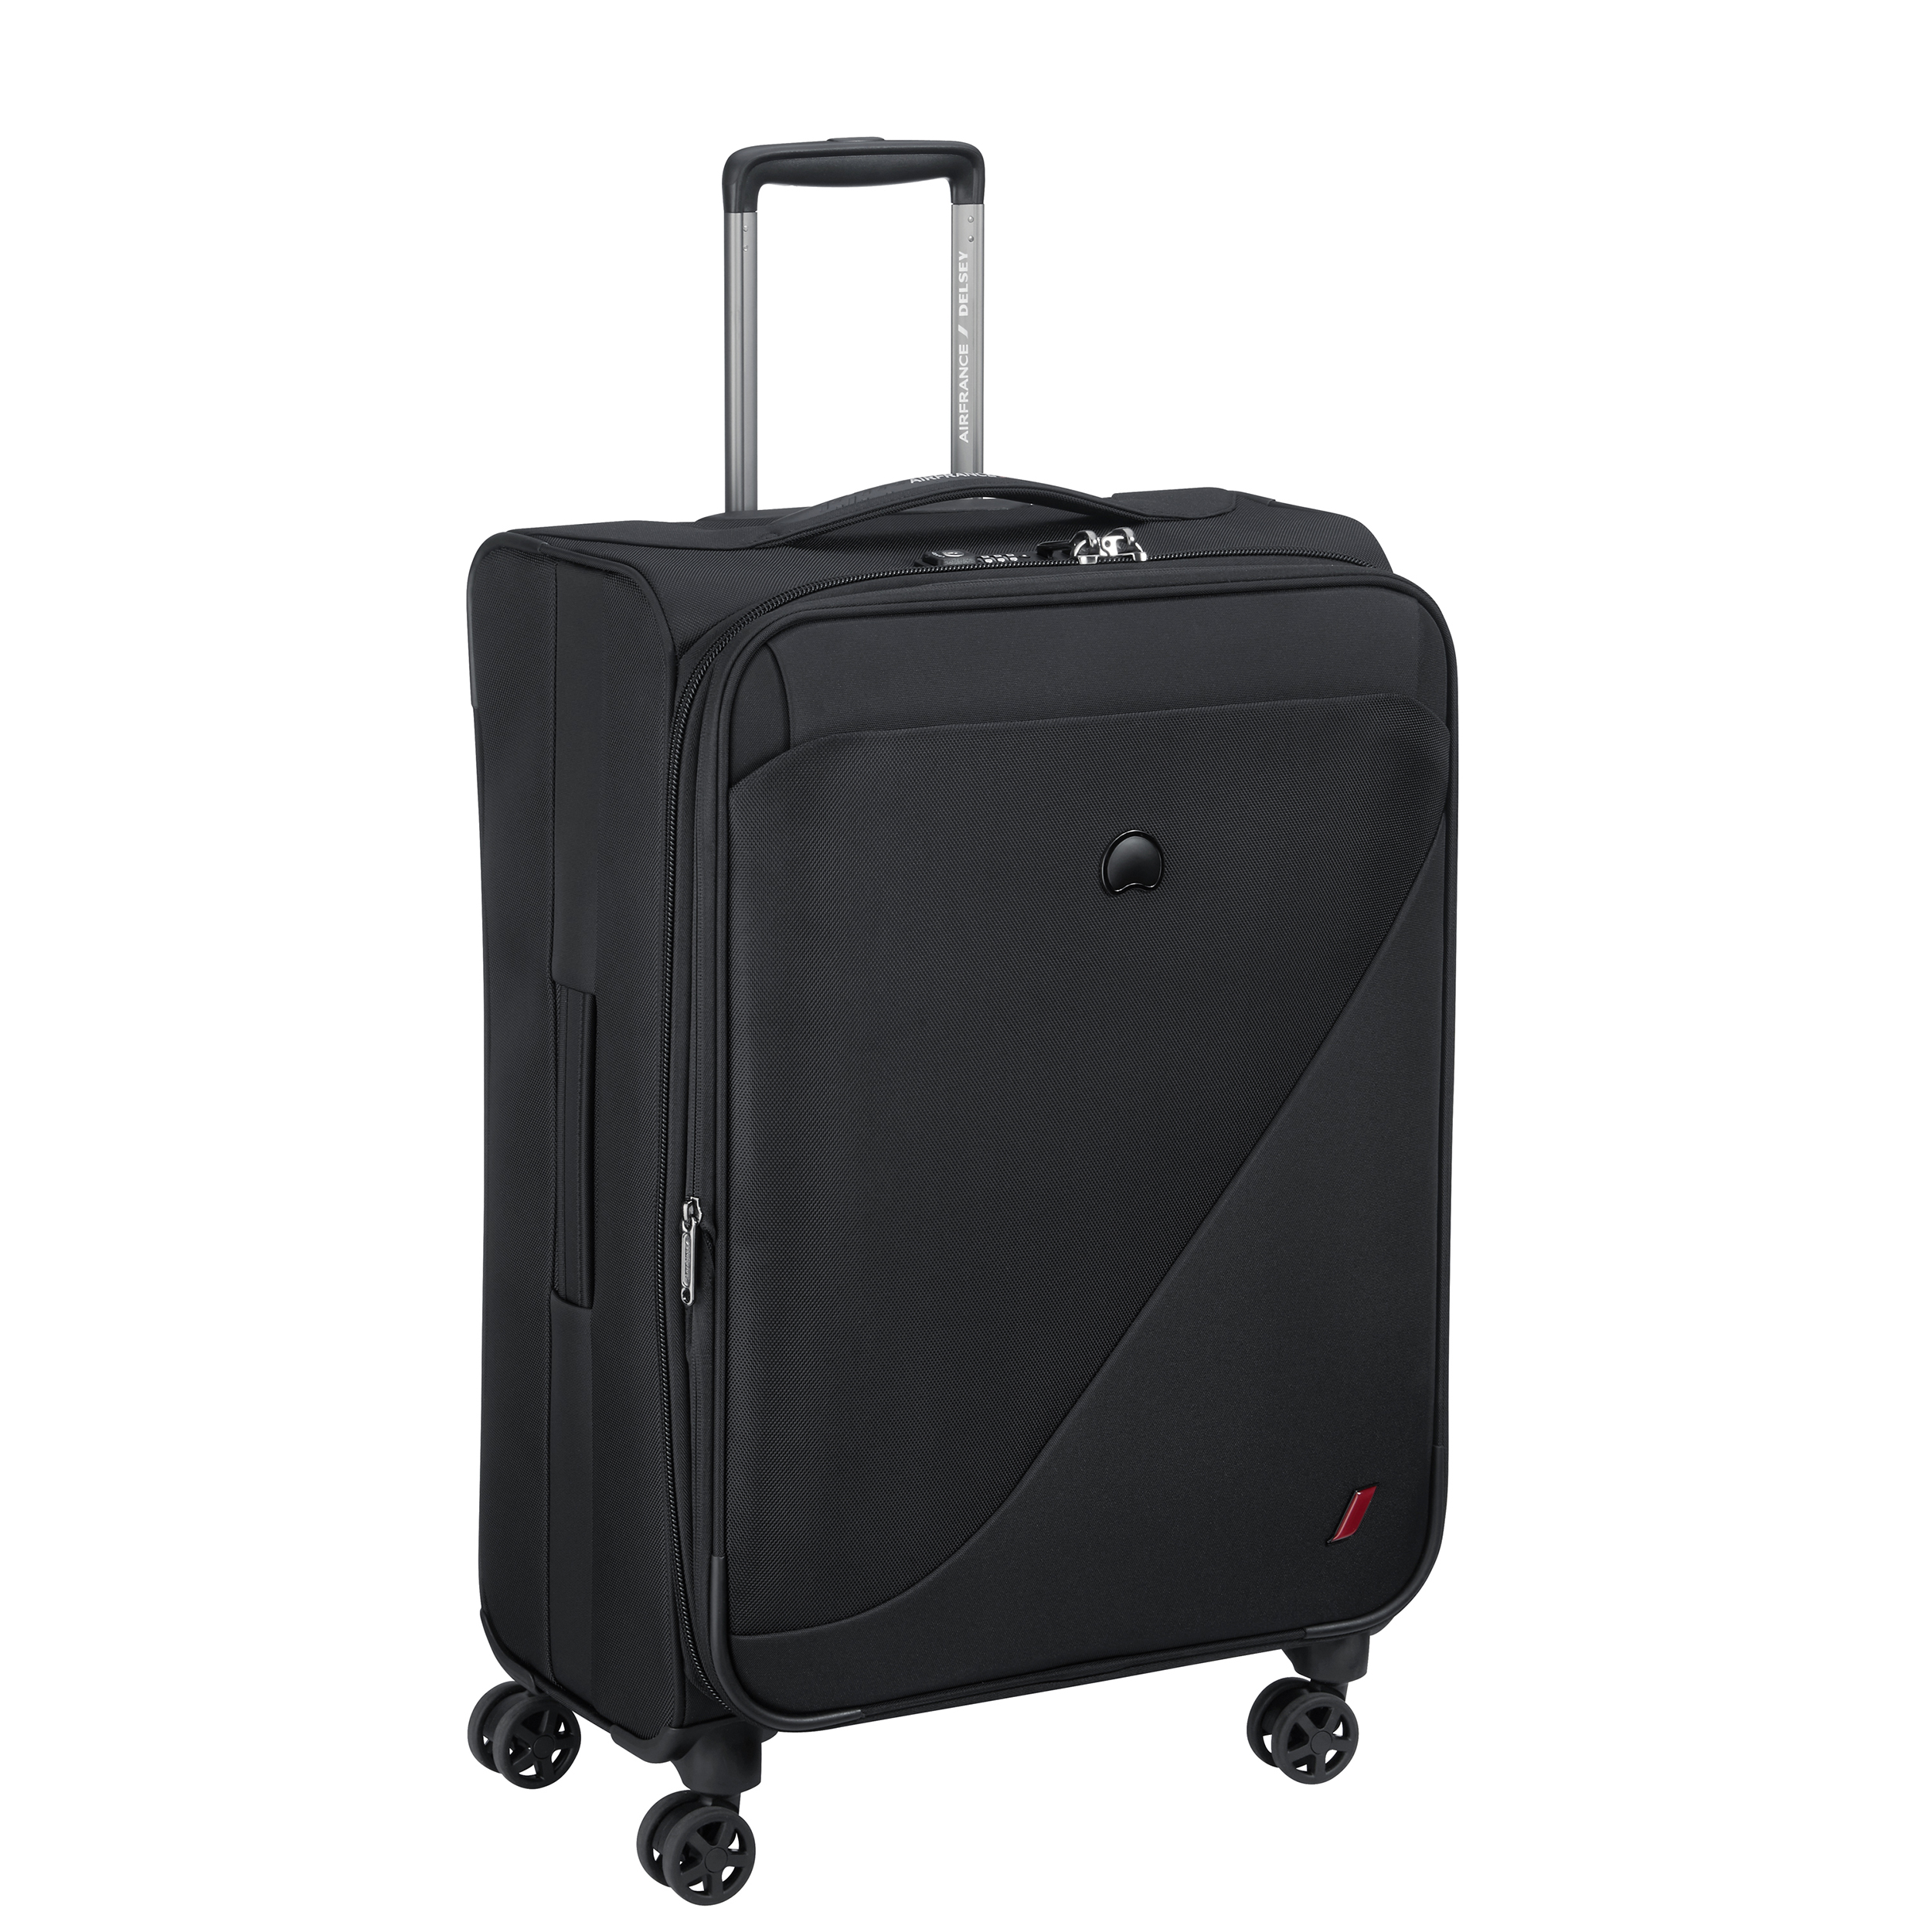 چمدان دلسی مدل NEW DESTINATION کد 2004810 سایز متوسط